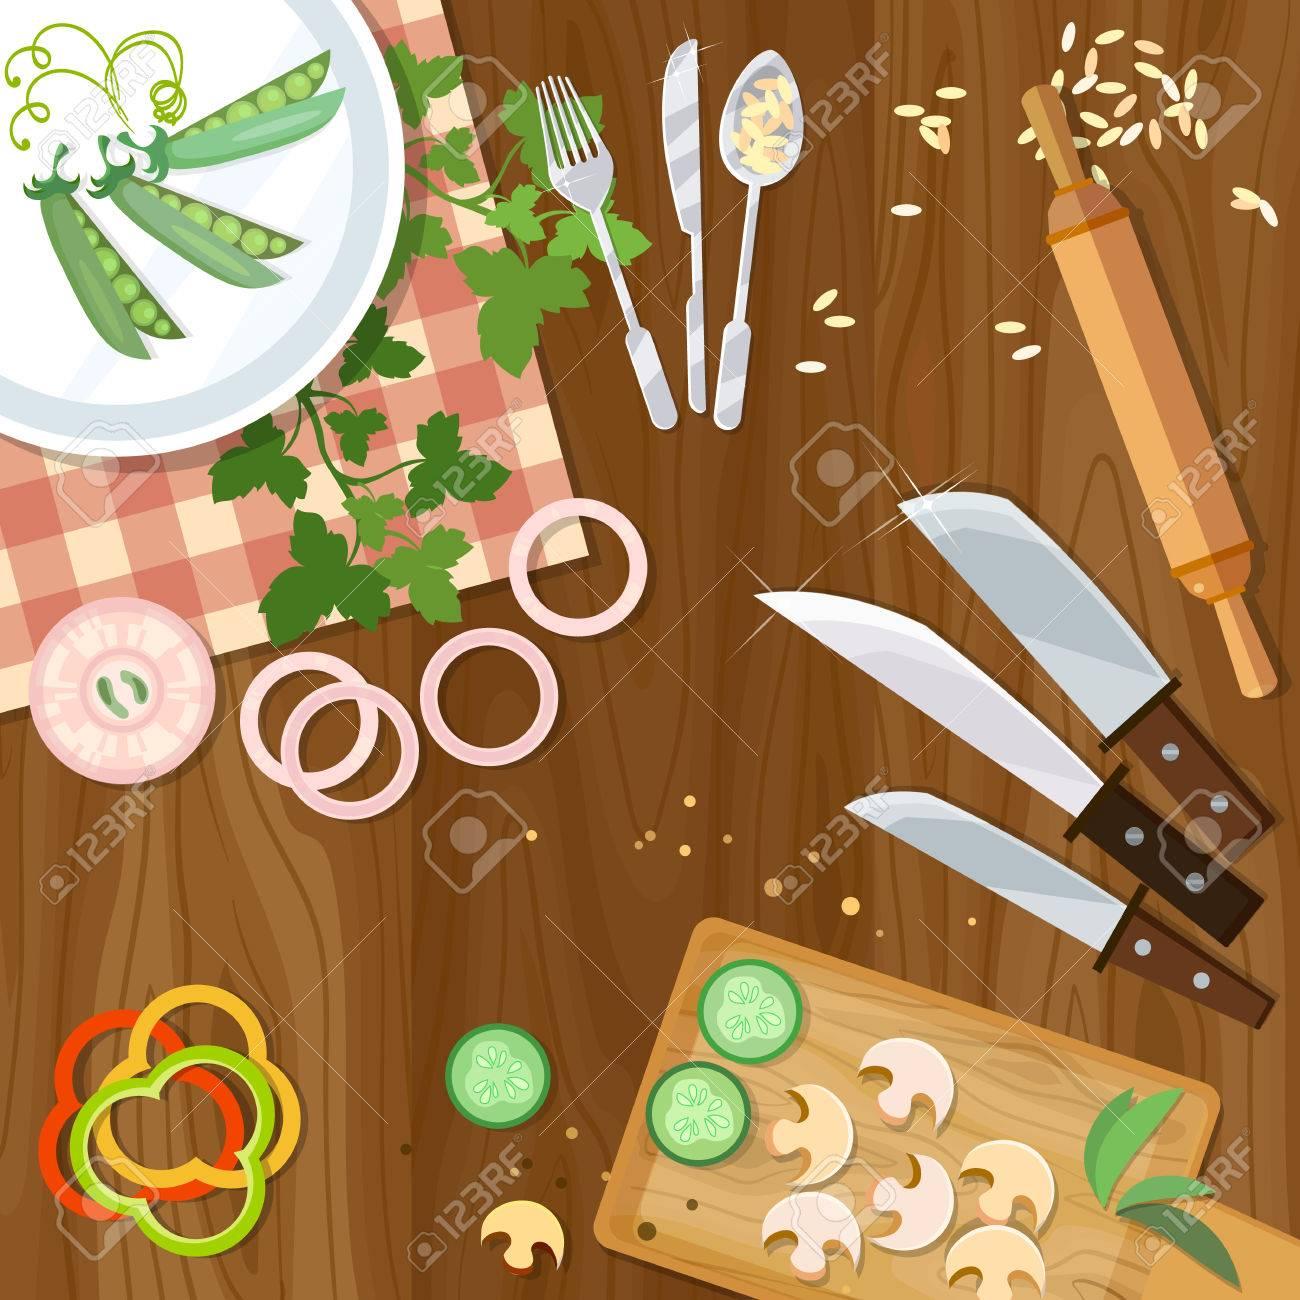 Erfreut Kreative Küche Ideen - Schönes Wohnungideen - getpaidteam.info